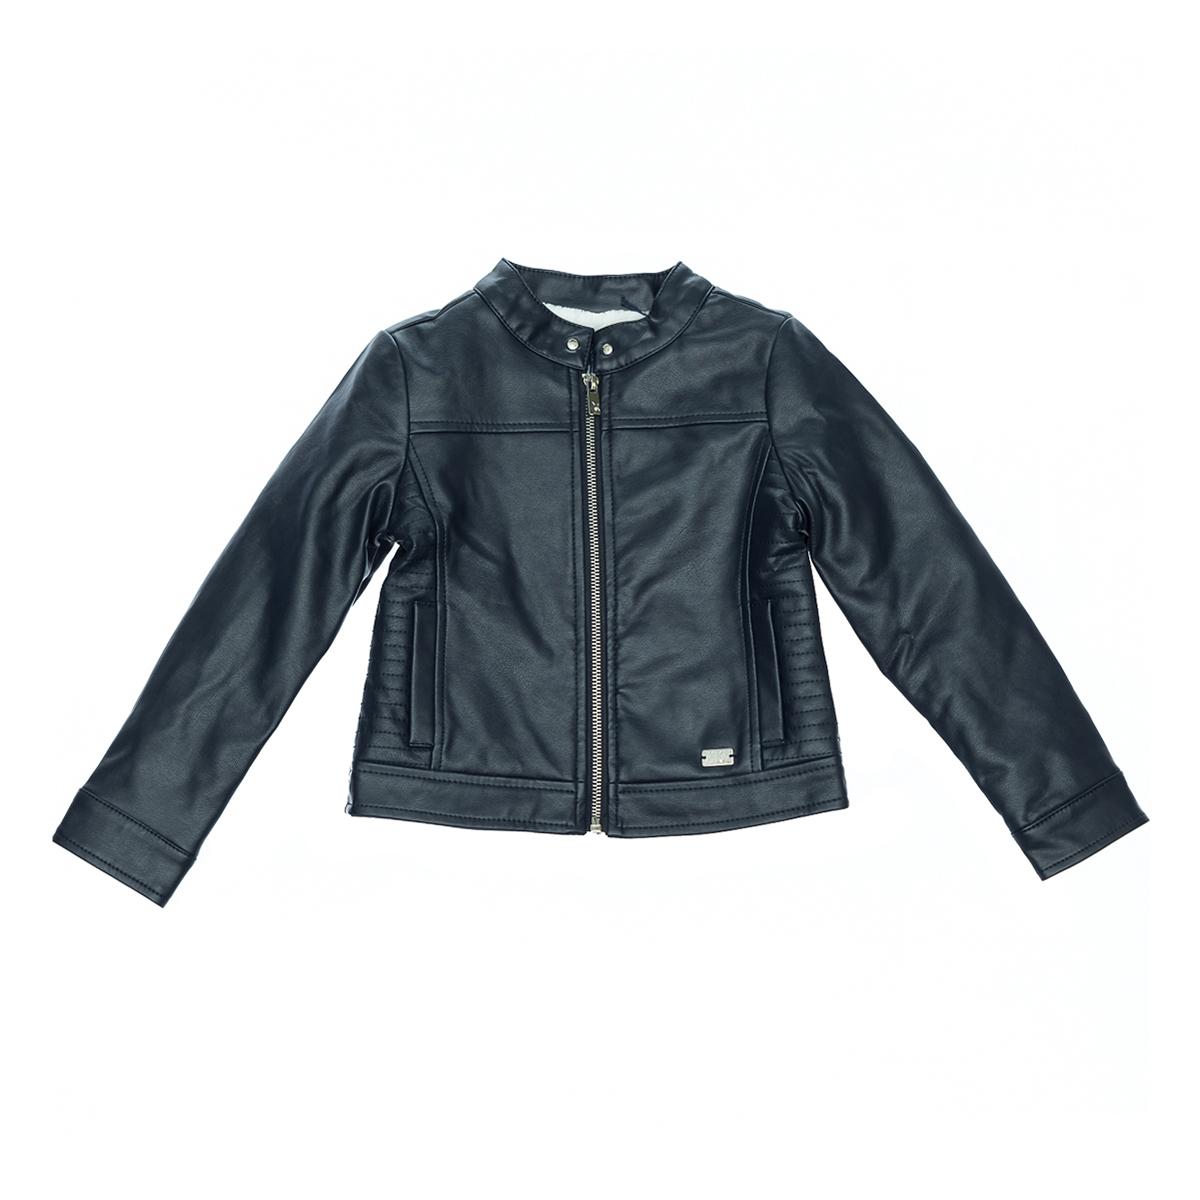 Купить Верхняя одежда, Куртка BluKids Leather Style, р. 110 5575846 ТМ: BluKids, синий